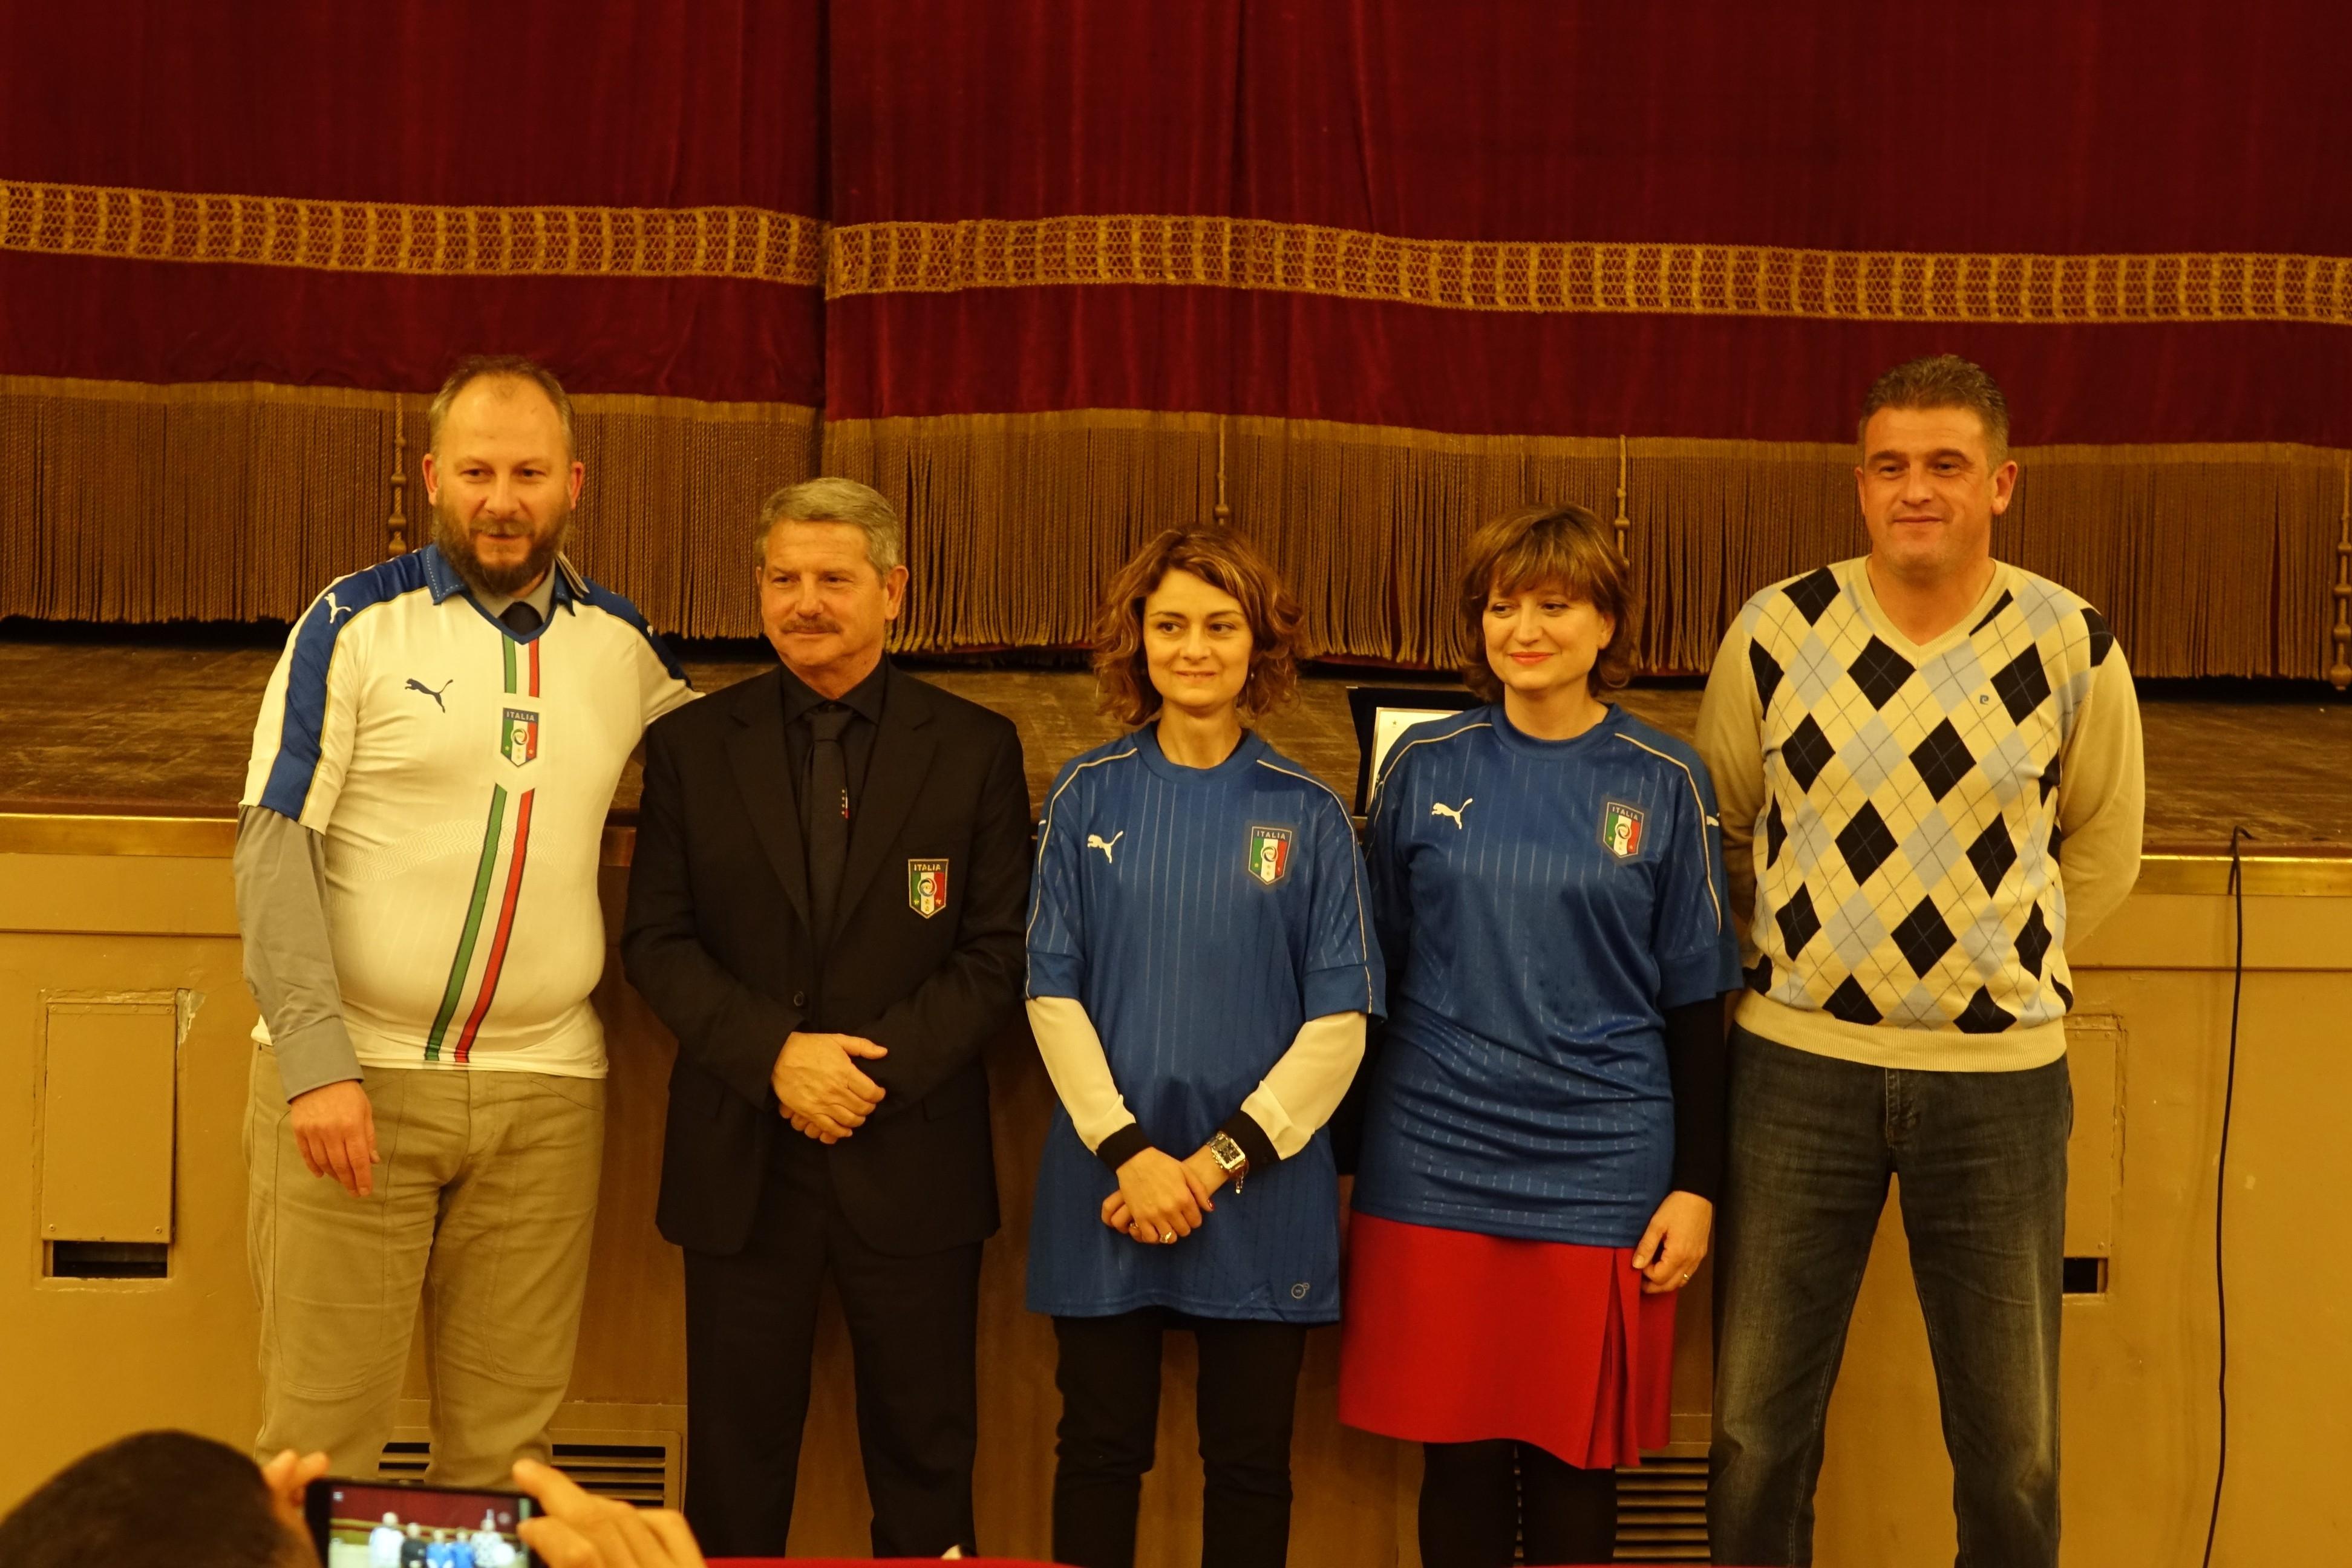 Giovedì al 'Sante Tiezzi' la nazionale Under 16 contro l'Ucraina